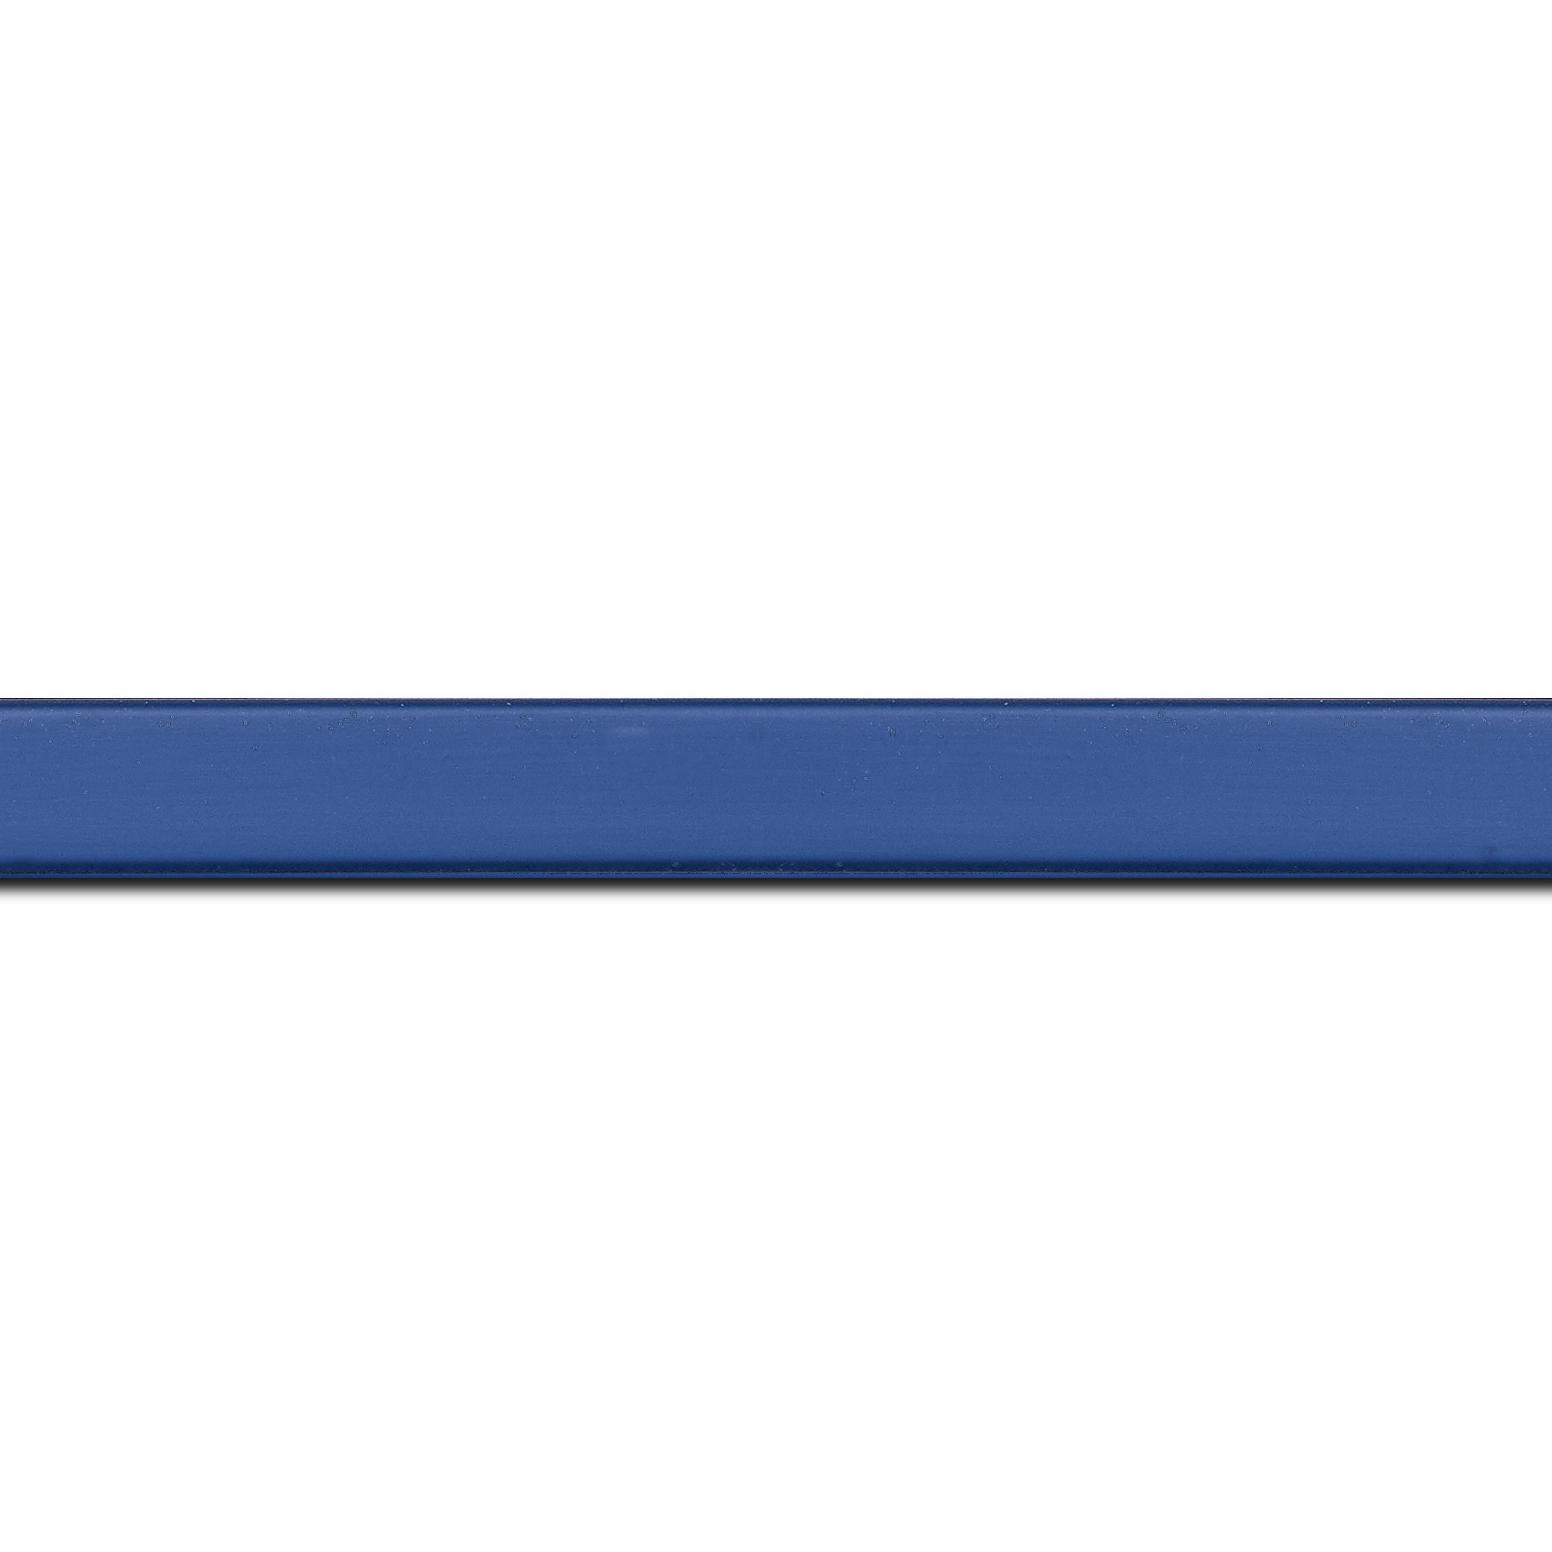 Baguette longueur 1.40m bois profil plat effet cube largeur 1.7cm couleur bleu grec satiné